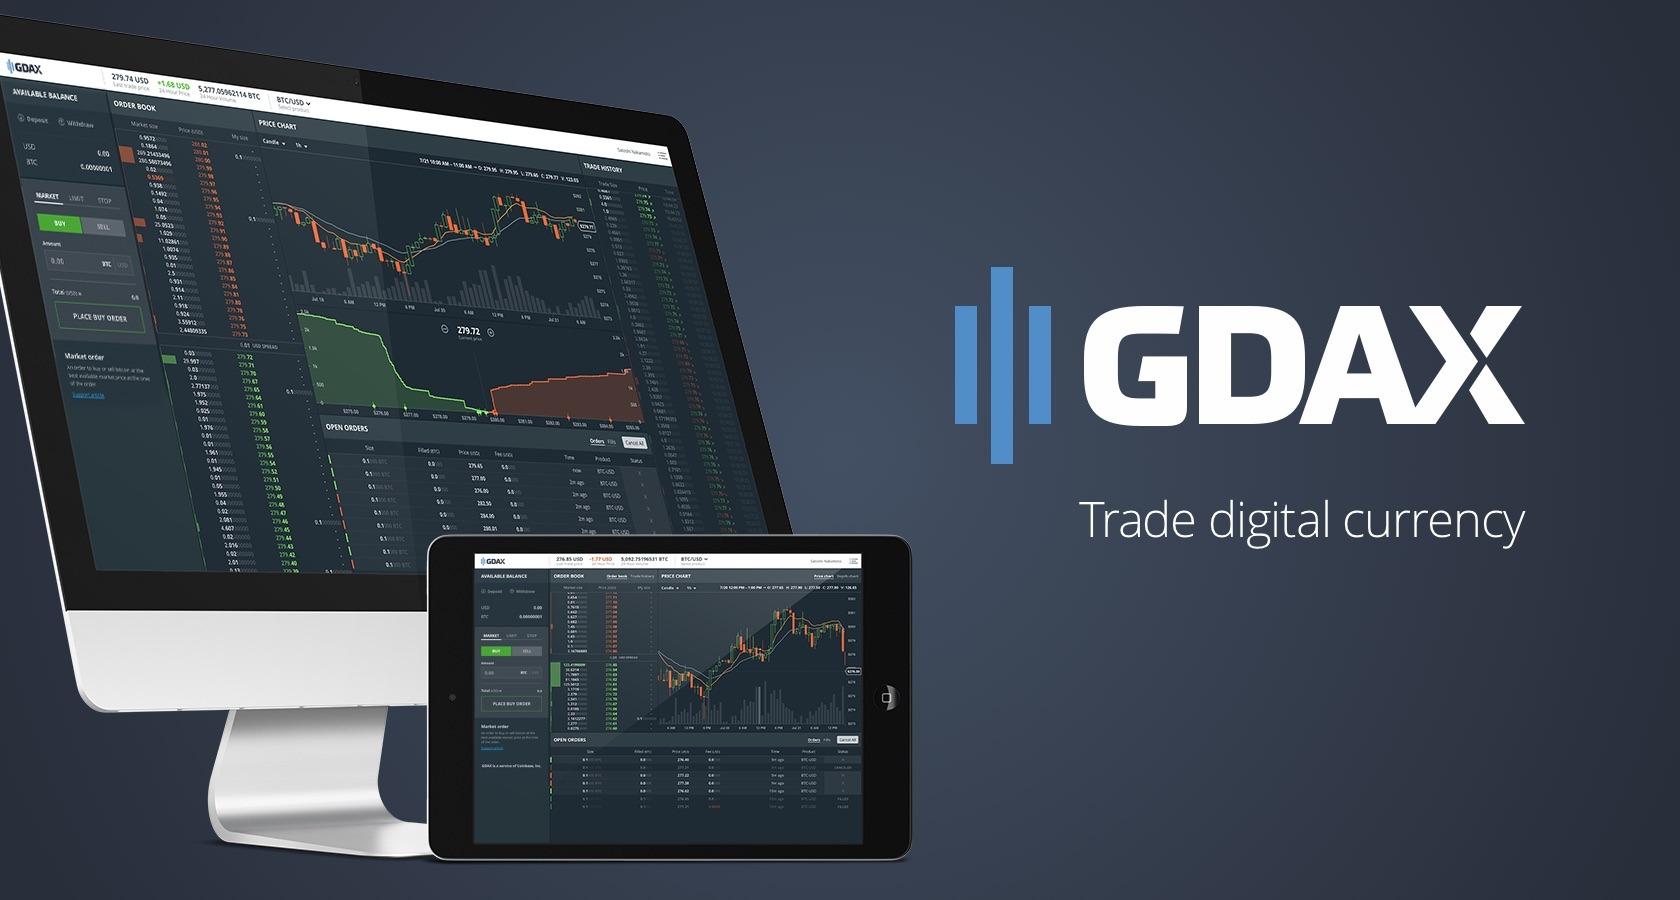 A GDAX (Divisão da Coinbase) adicionou a possibilidade de negociação de margem BTC, ETH e LTC. Isso foi relatado no blog oficial da empresa.